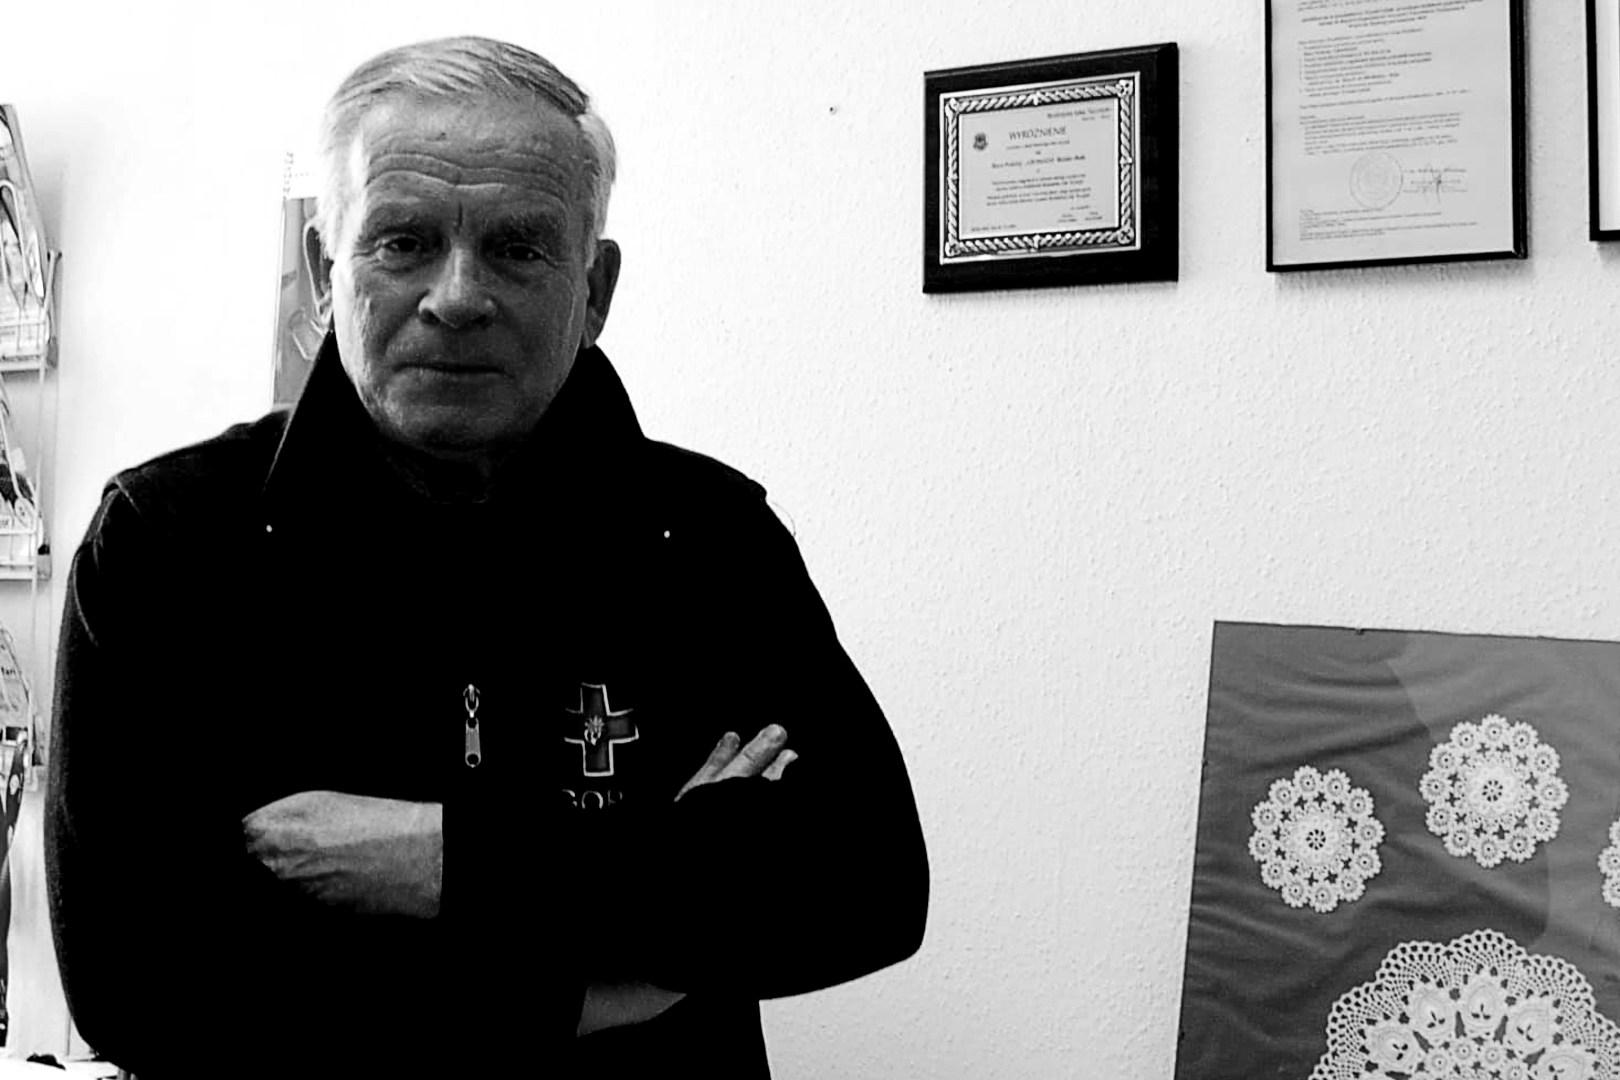 Nie żyje Jan Baraś